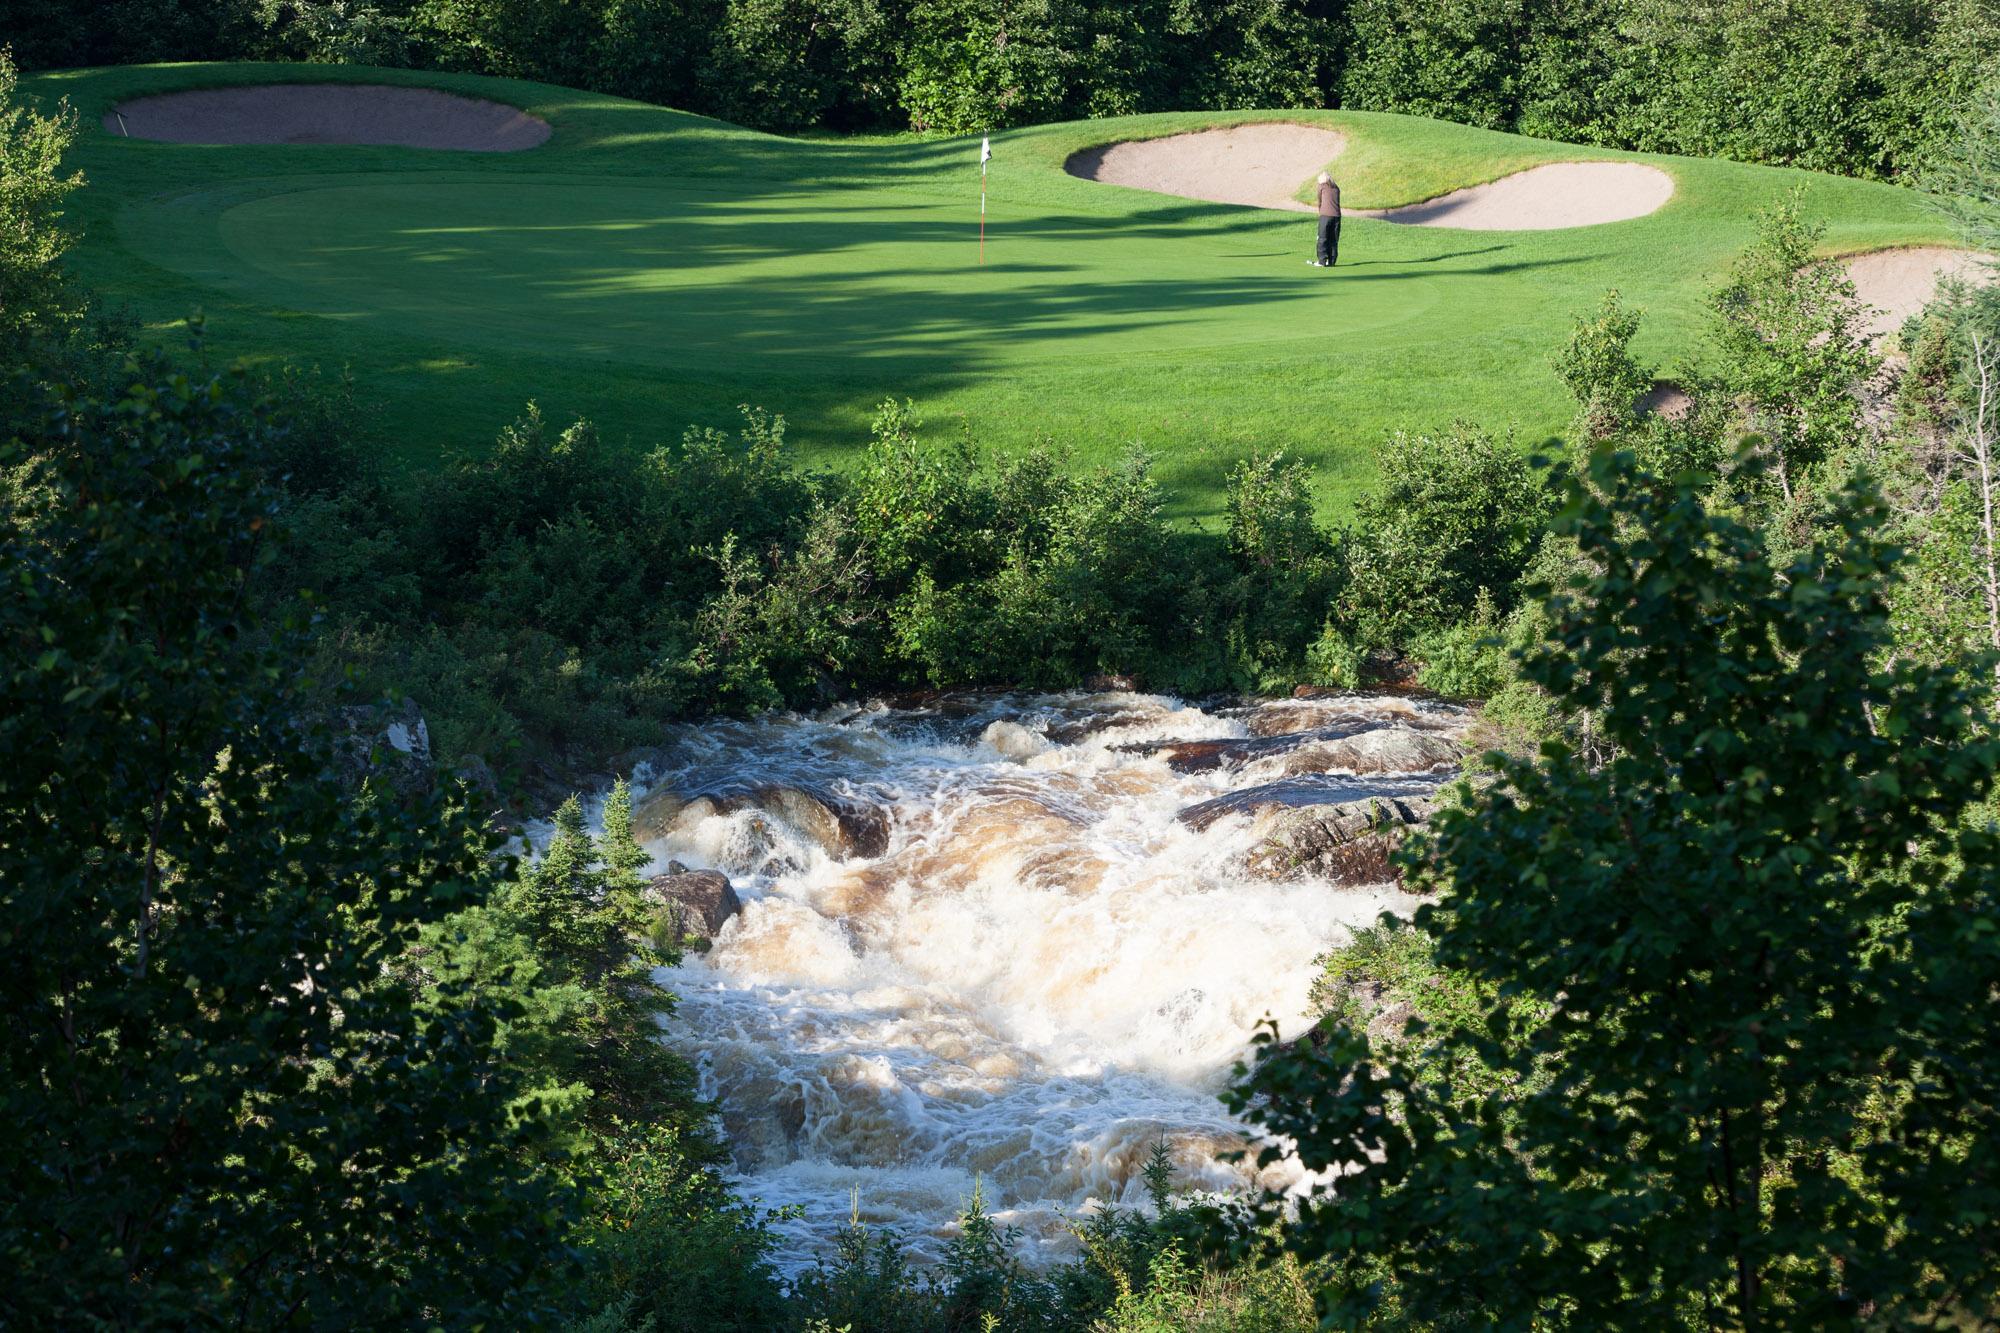 Terra Nova Golf Course